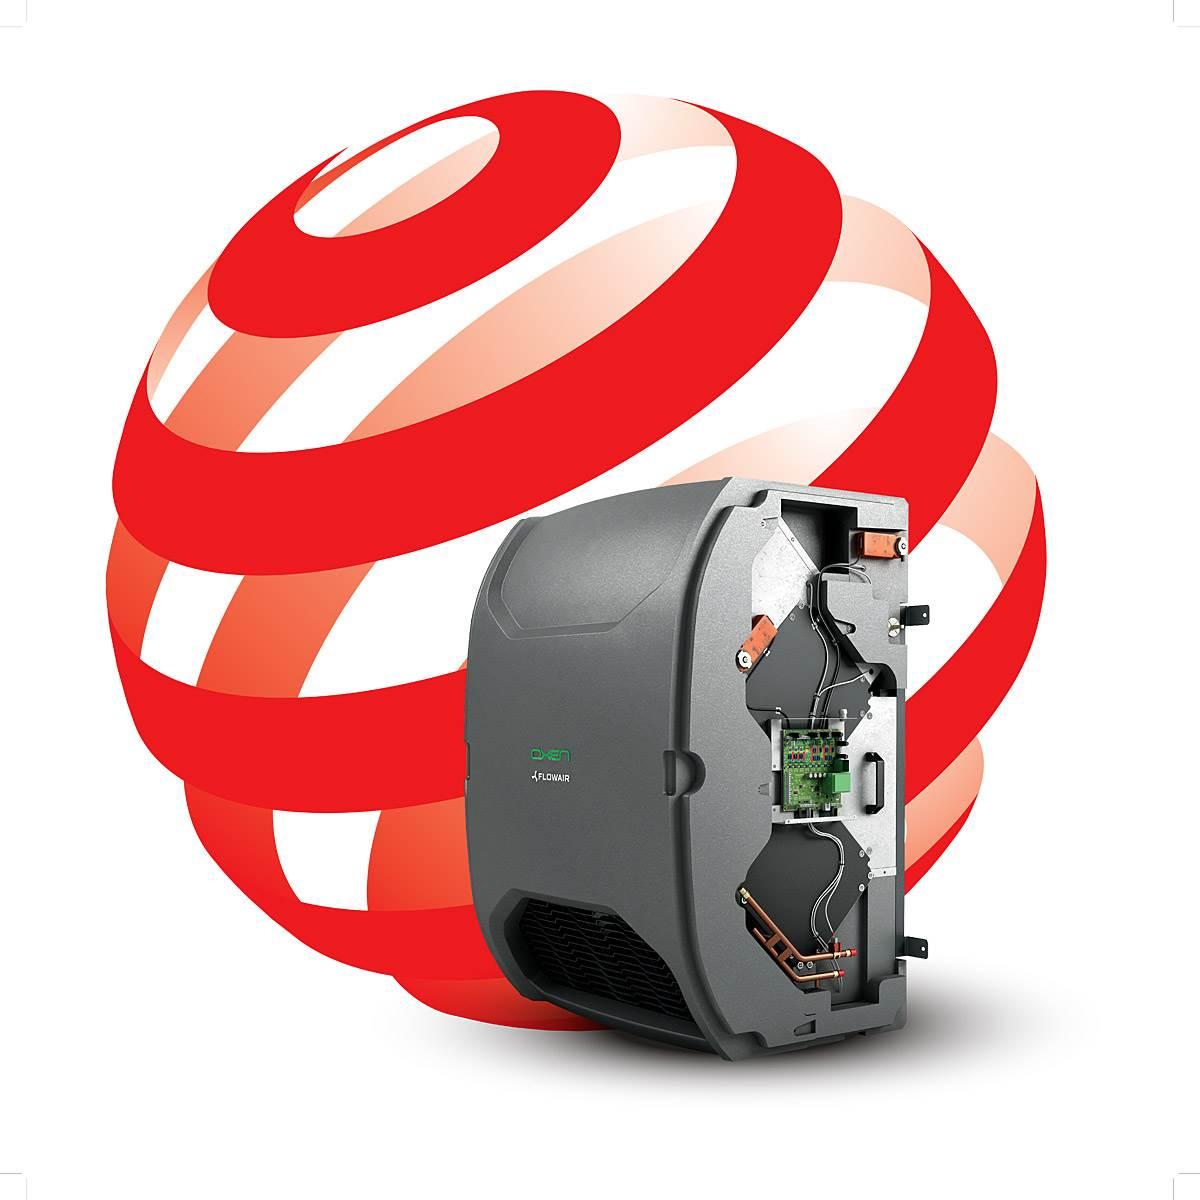 oxen urzadzenie do wentylacji bezkanalowej z odzyskiem ciepla rozwiazanie warte nagrod - OXeN urządzenie do wentylacji bezkanałowej z odzyskiem ciepła - rozwiązanie warte nagród